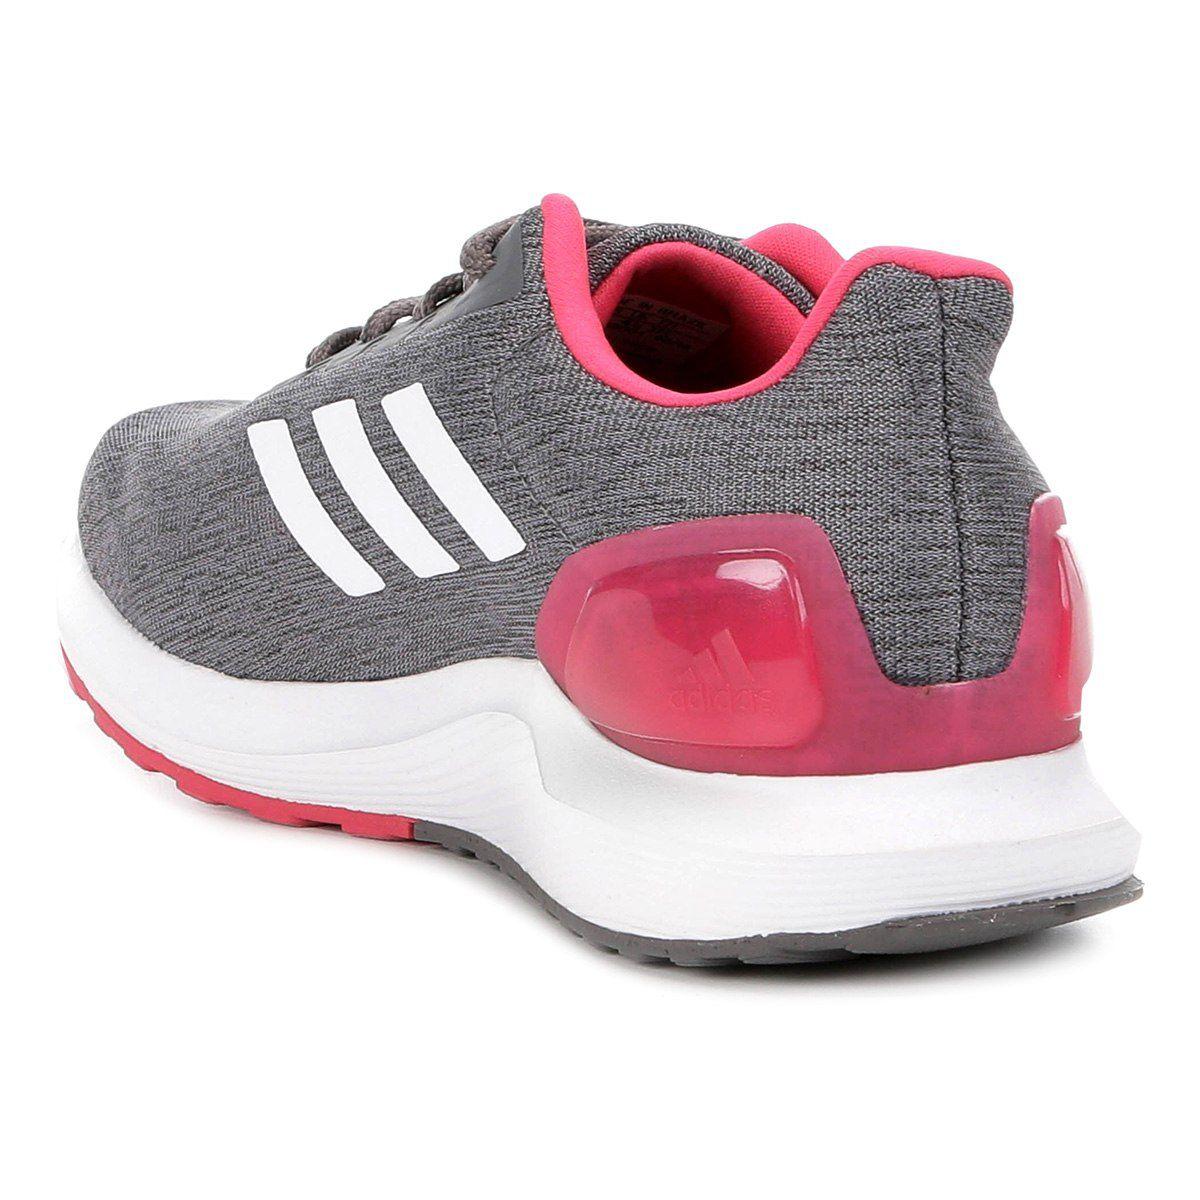 2a75d46731f Tênis Adidas Cosmic 2 Feminino - Cinza e Branco - Linha Esporte